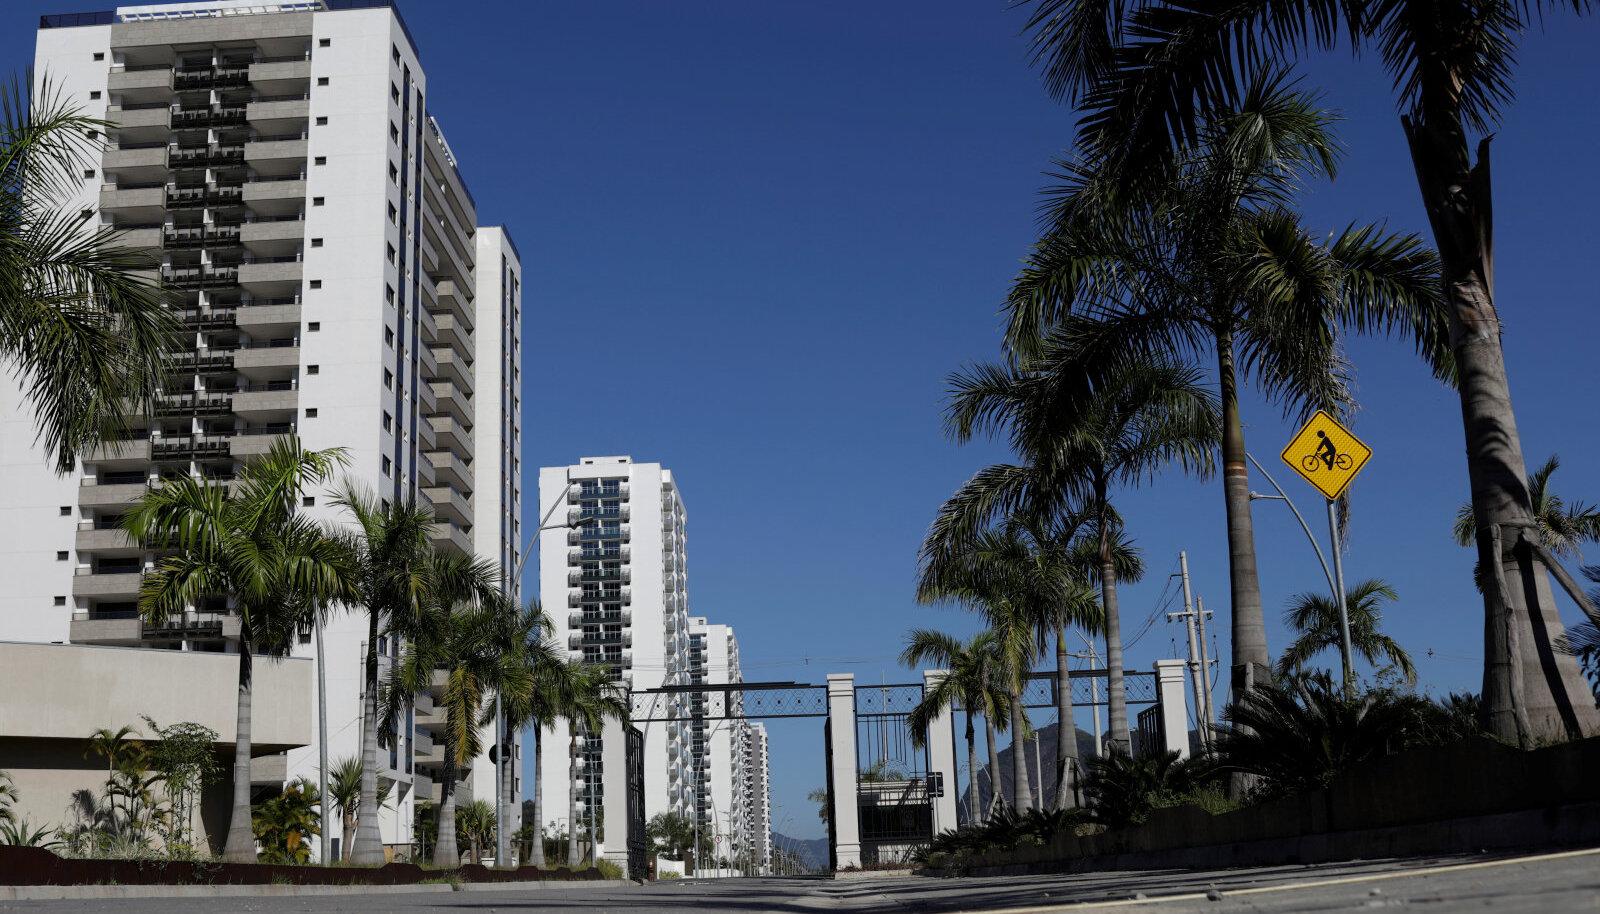 Rio olümpiaküla.